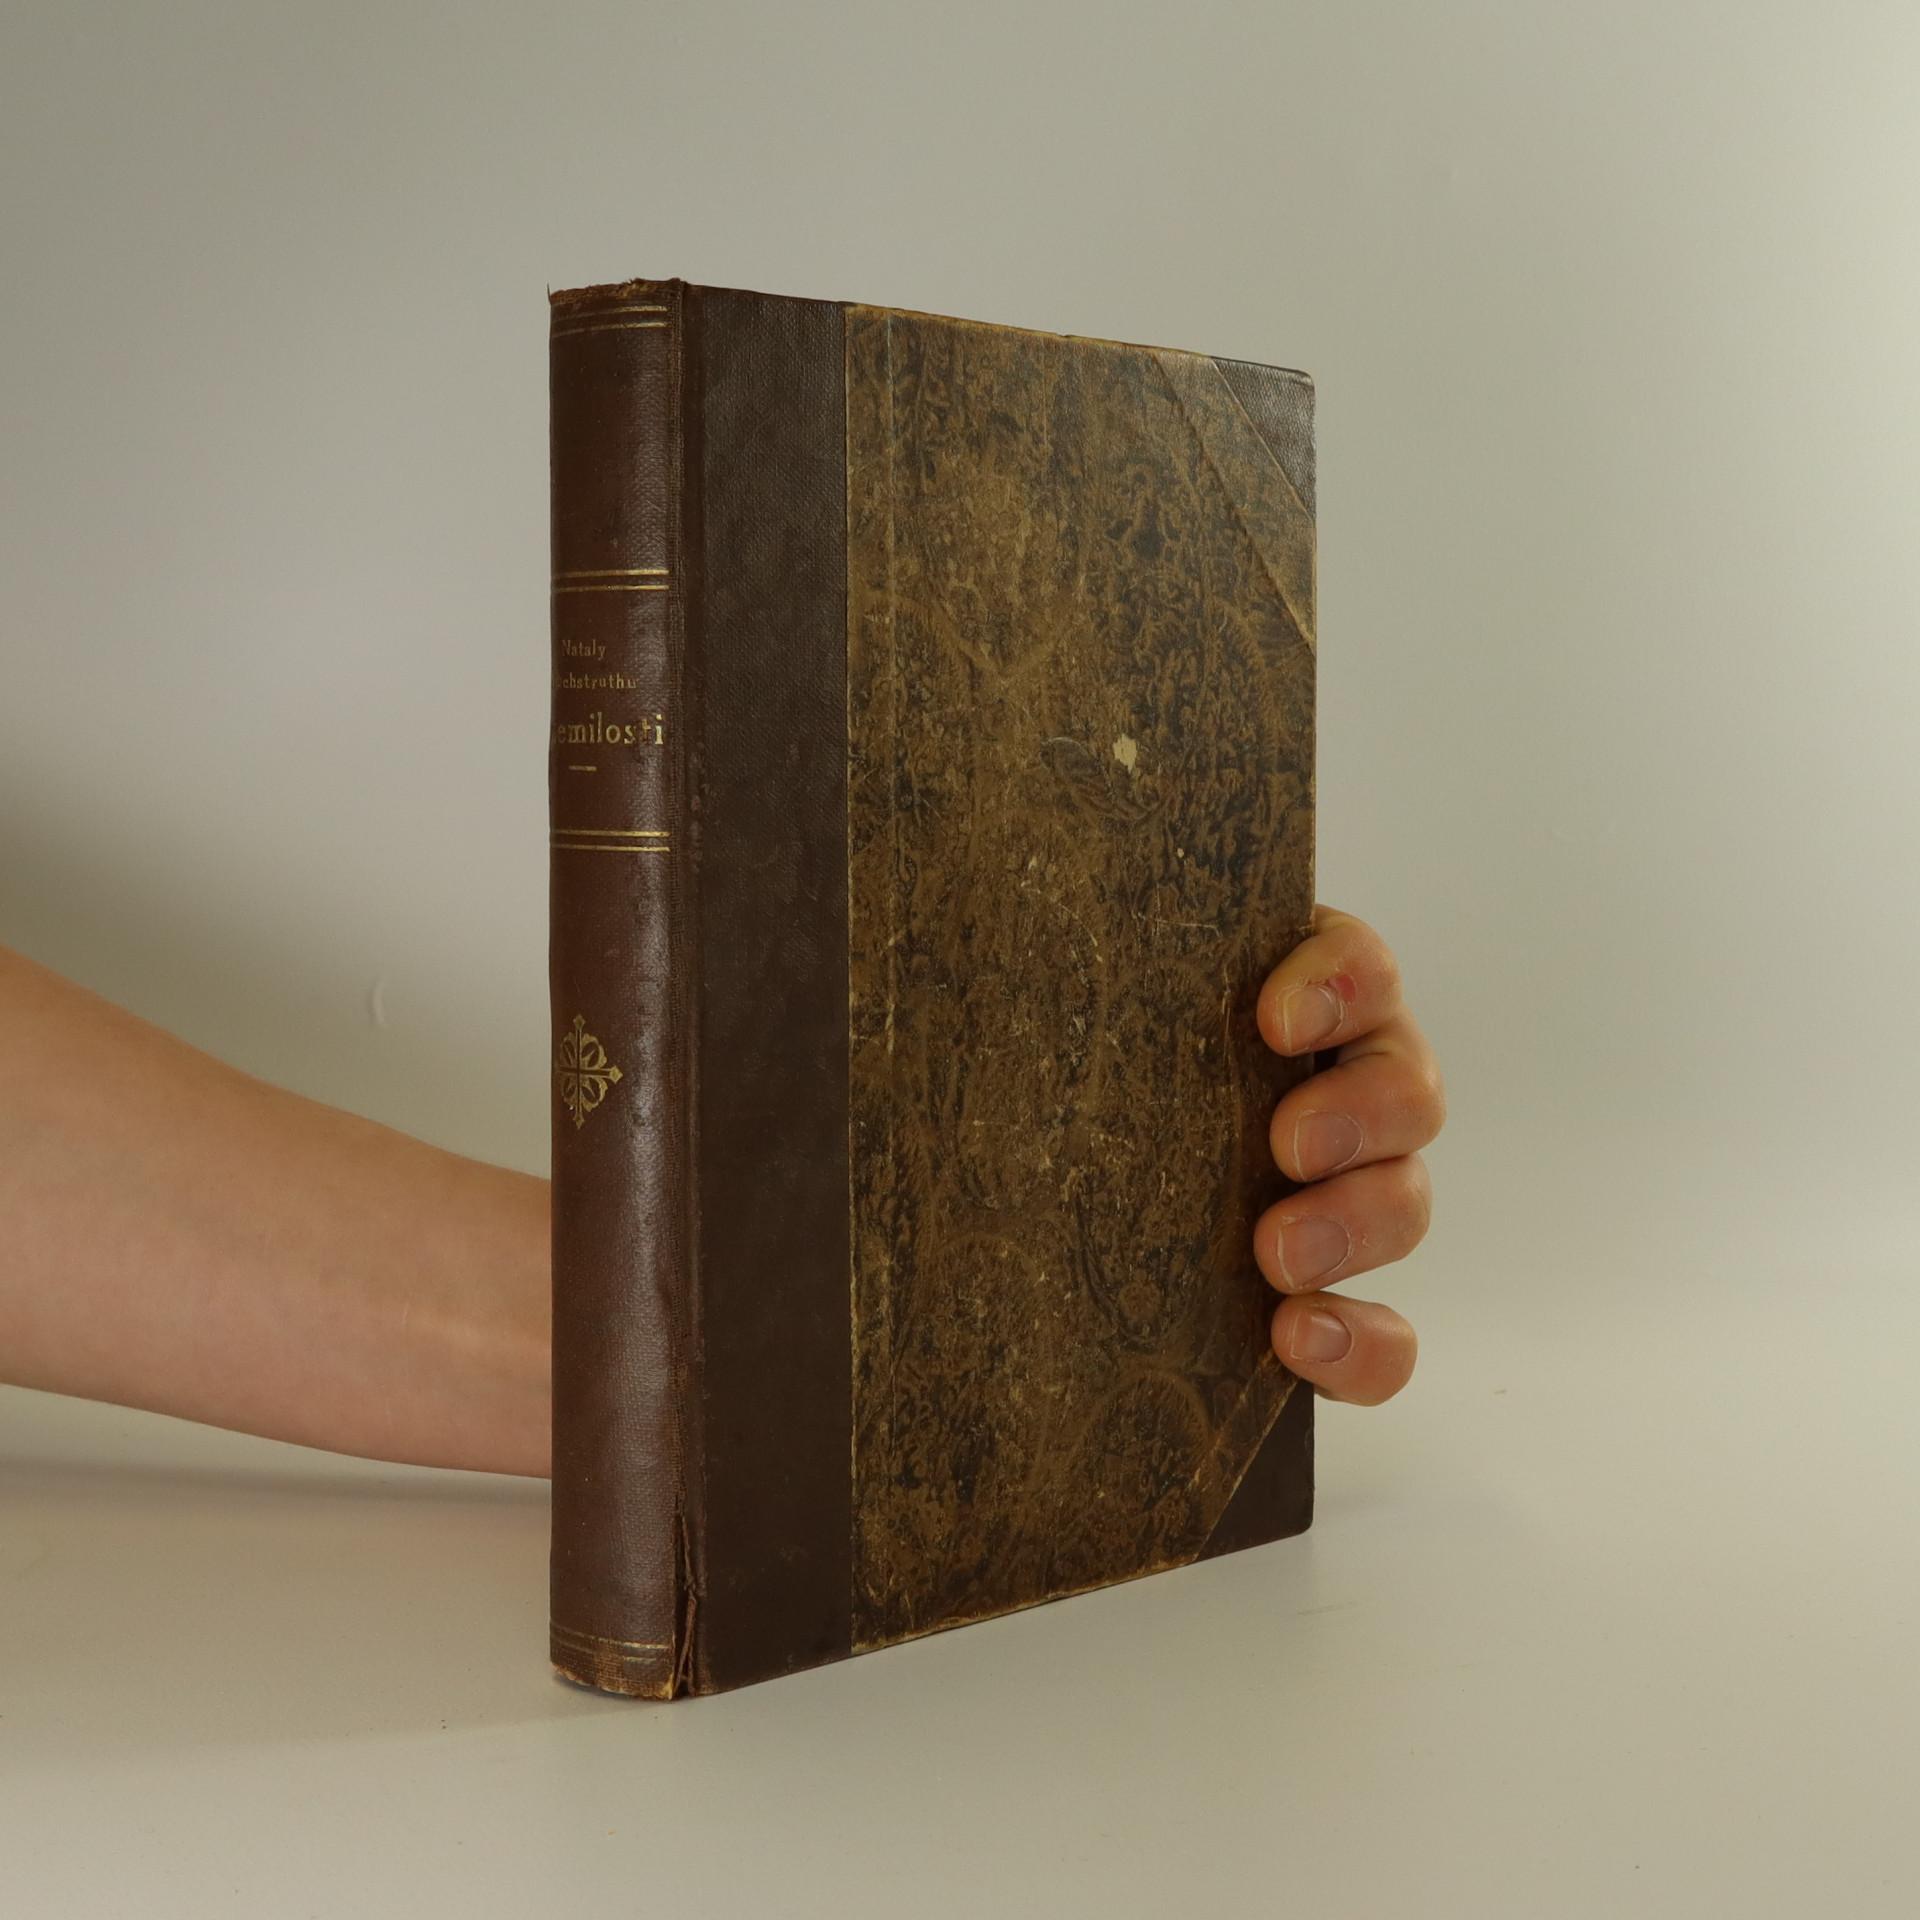 antikvární kniha V nemilosti, neuveden